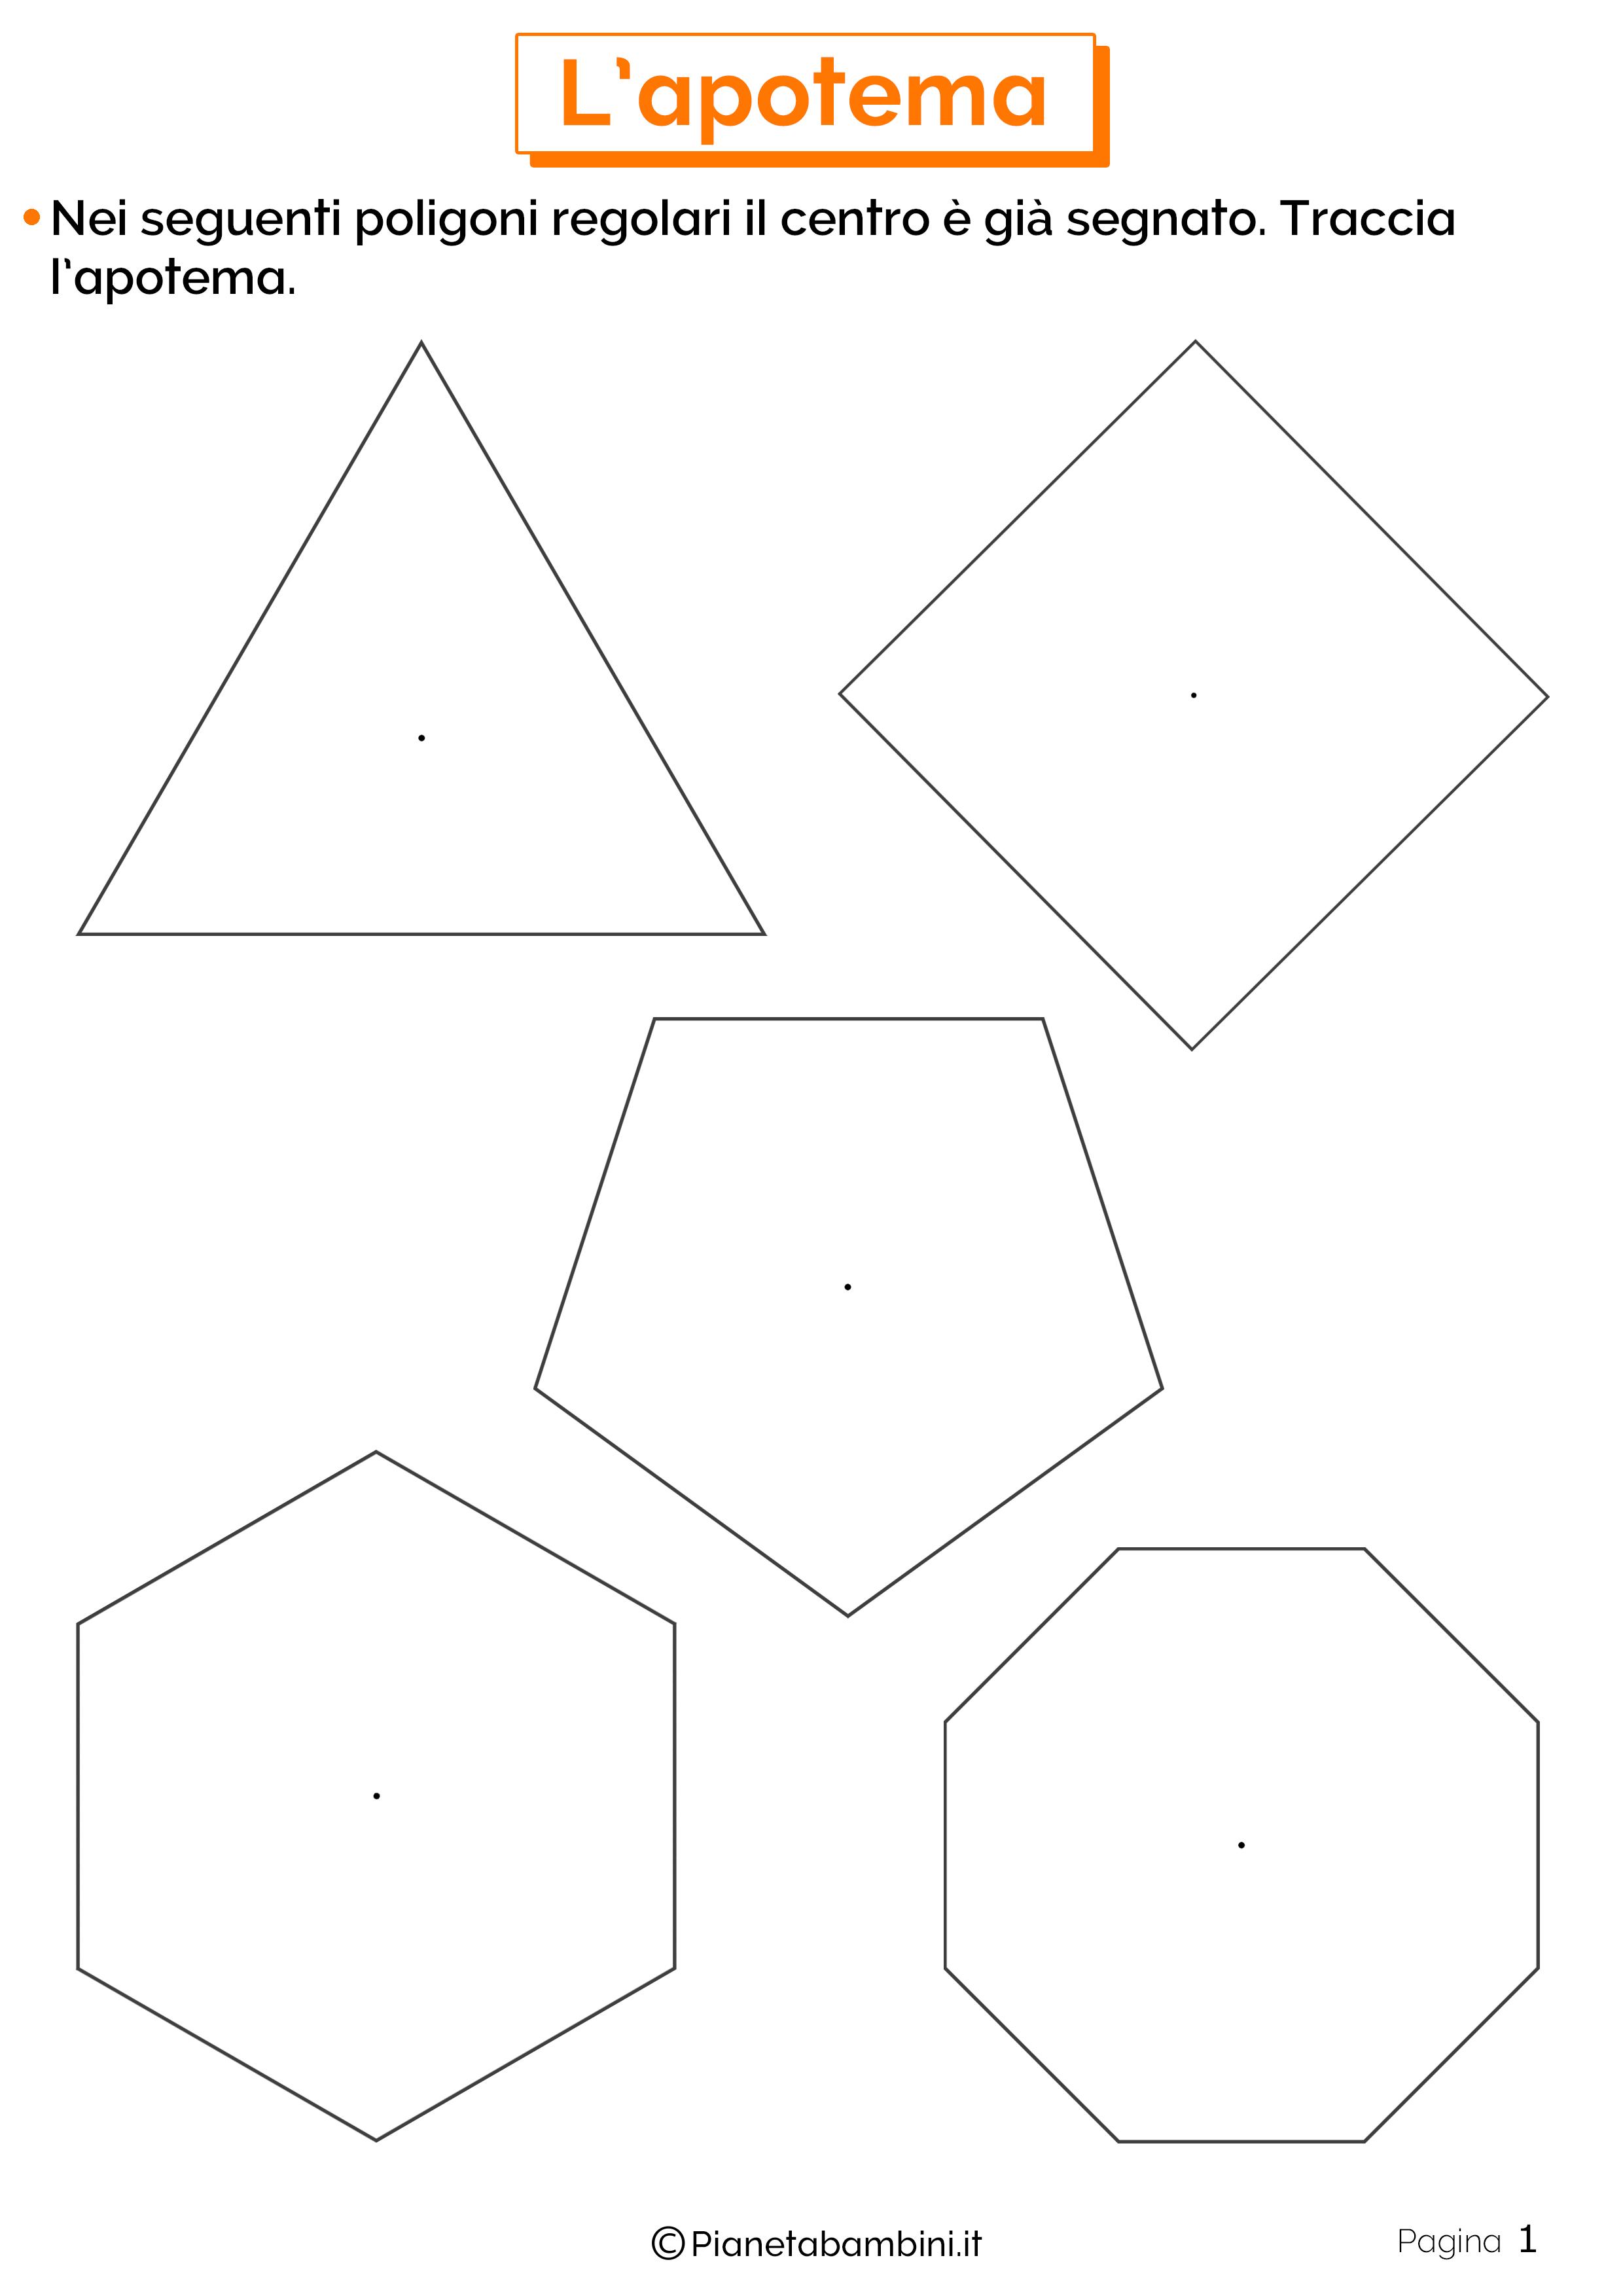 Schede didattiche sull'apotema 1